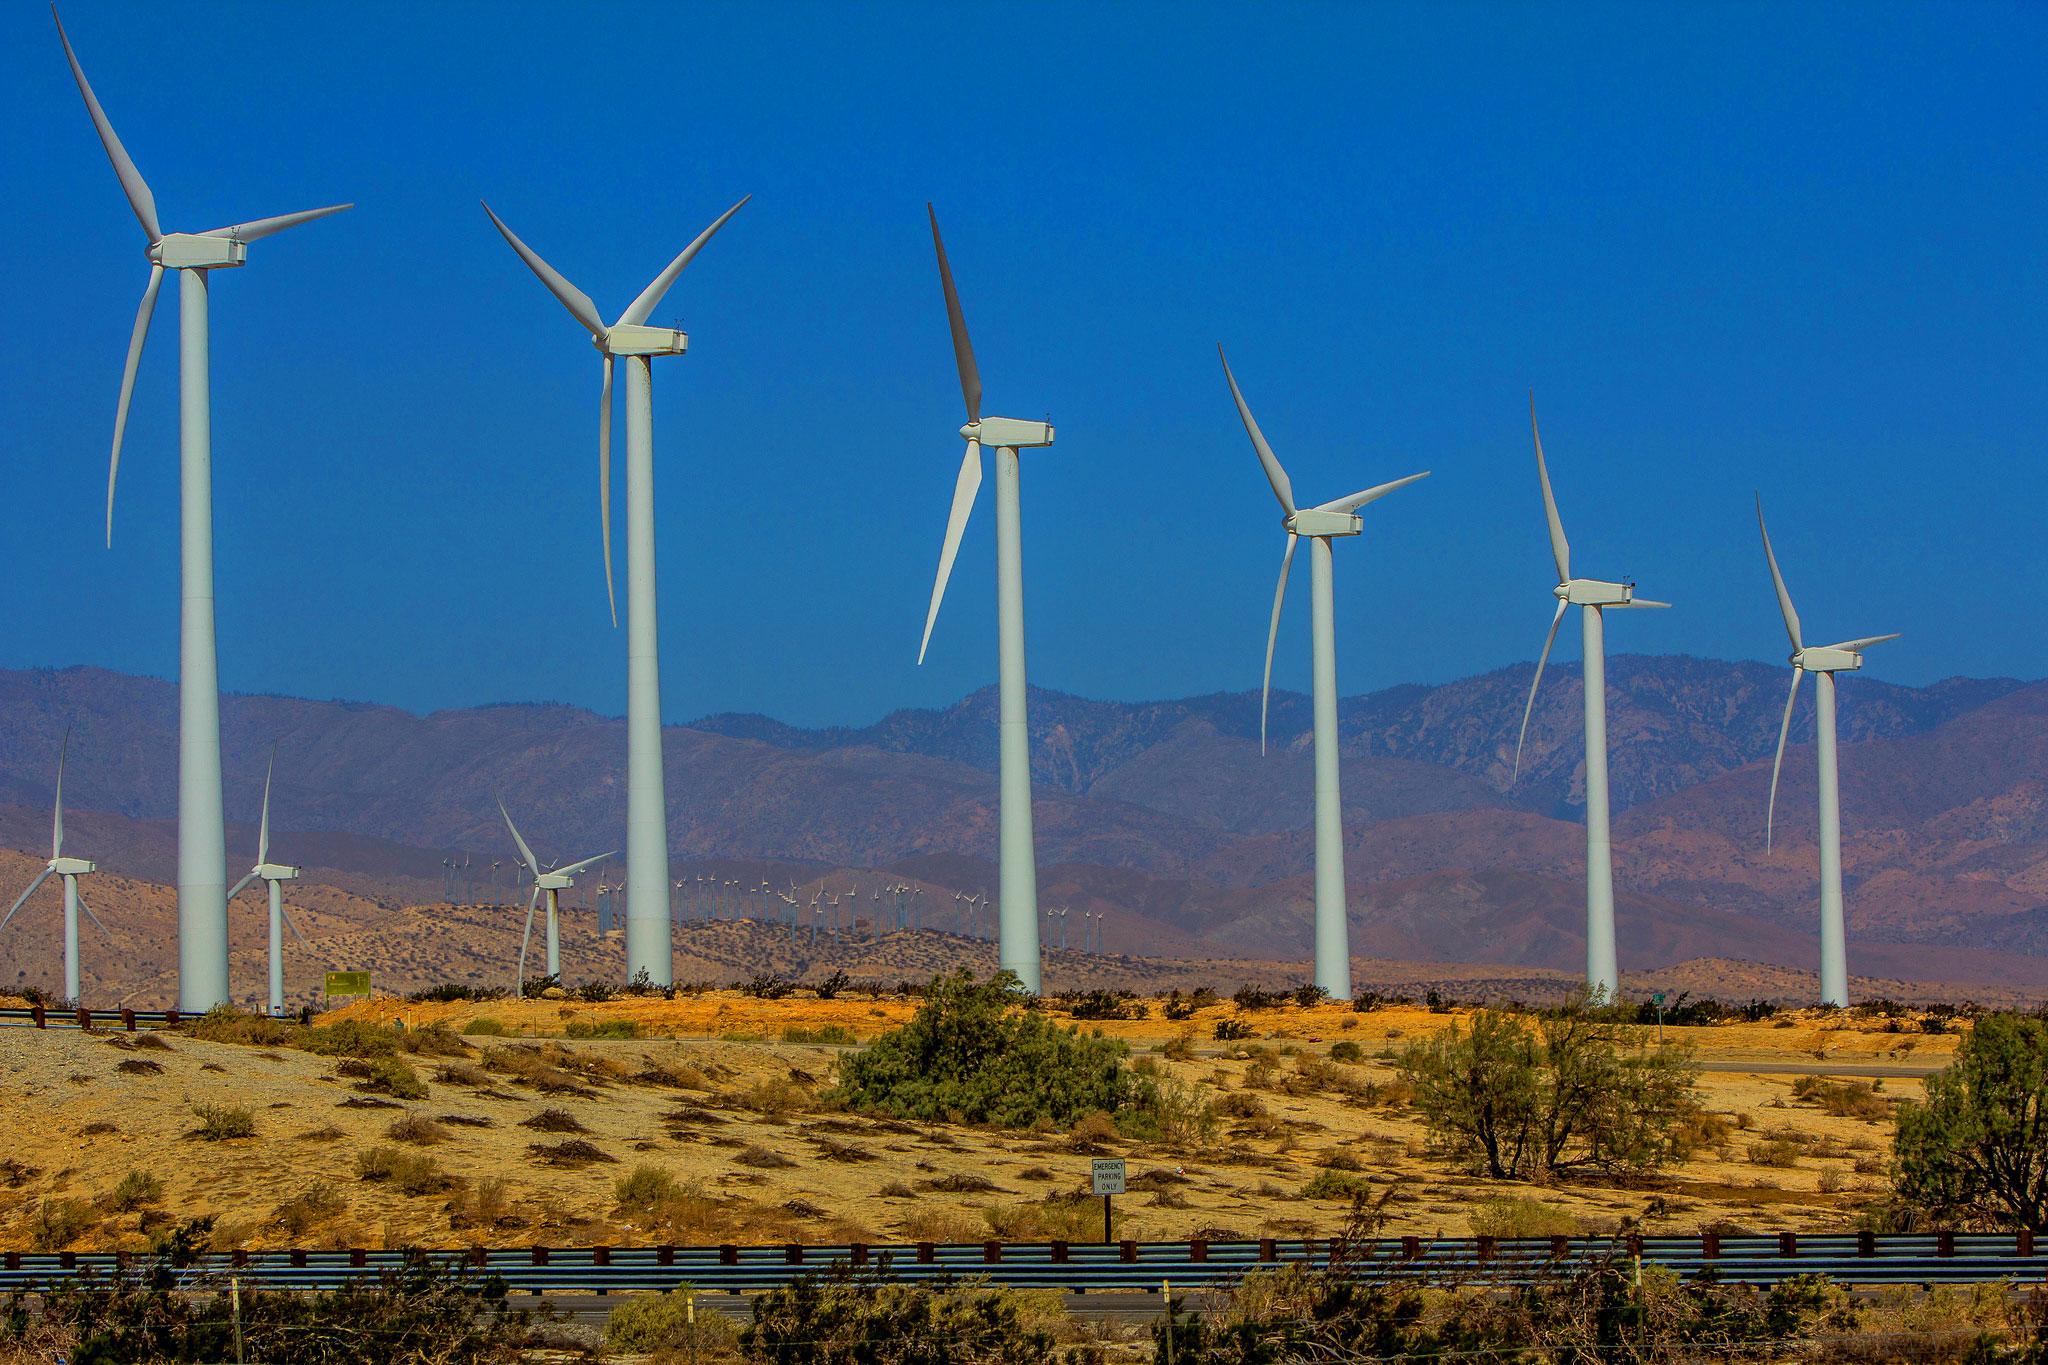 El día que la energía eólica fue acusada de aumentar el calentamiento